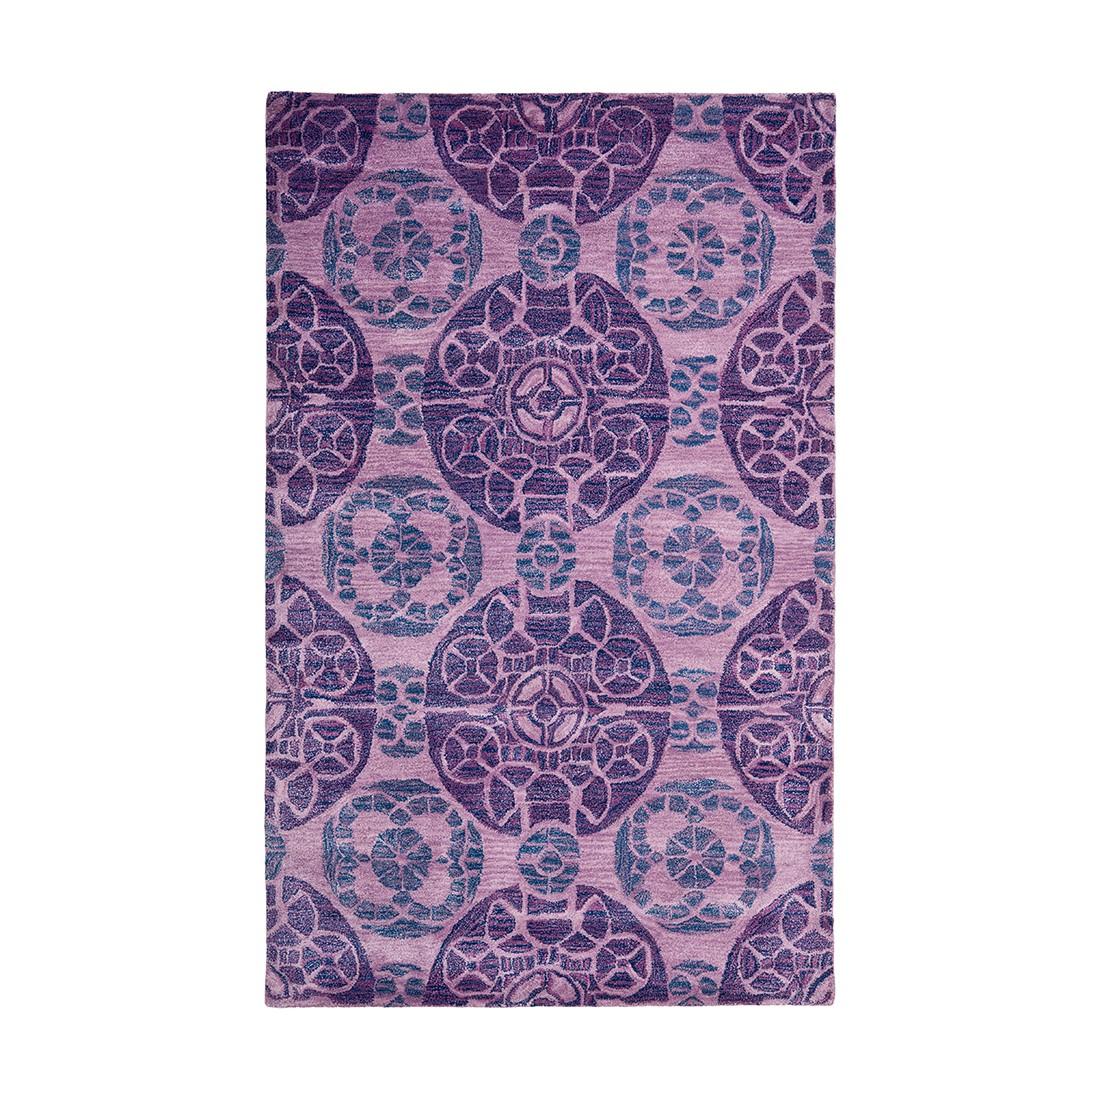 Teppich Mali – Lila – 153 x 244 cm, Safavieh jetzt bestellen